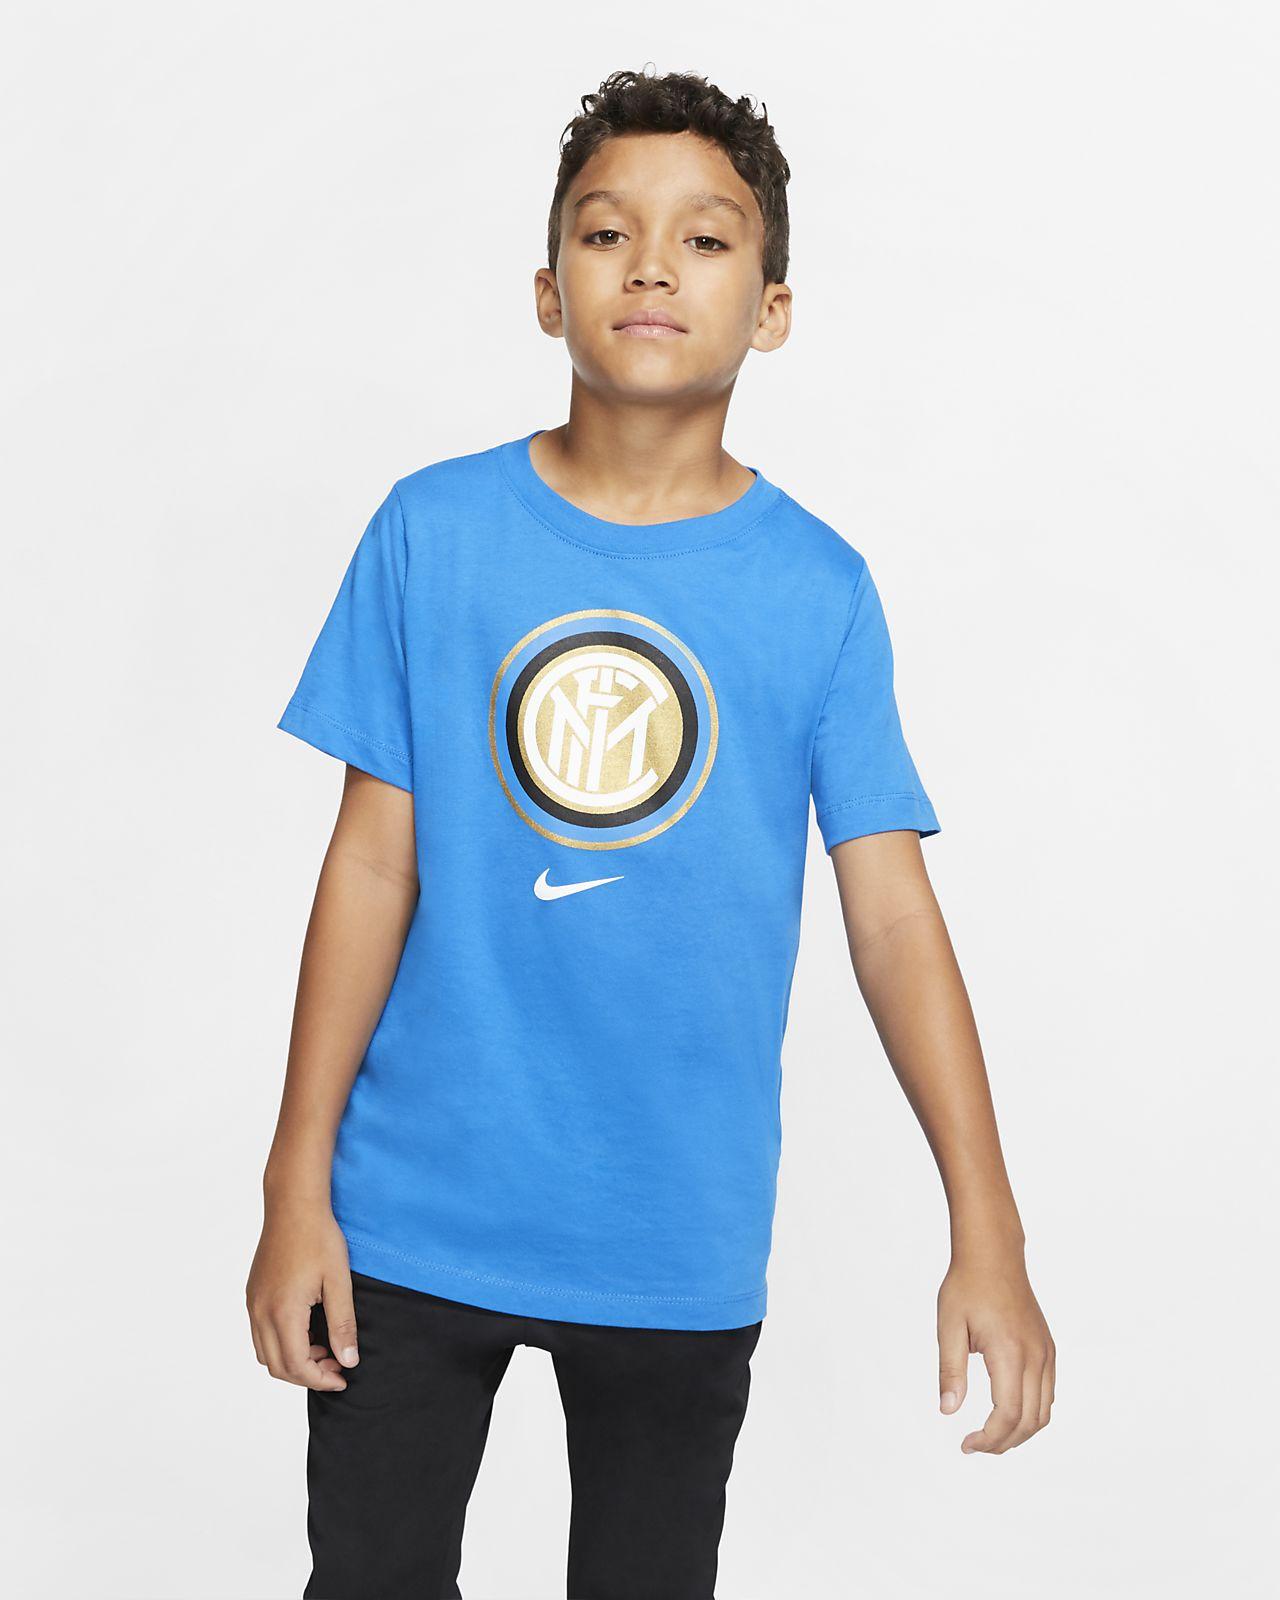 Inter Milan Voetbalshirt voor kids